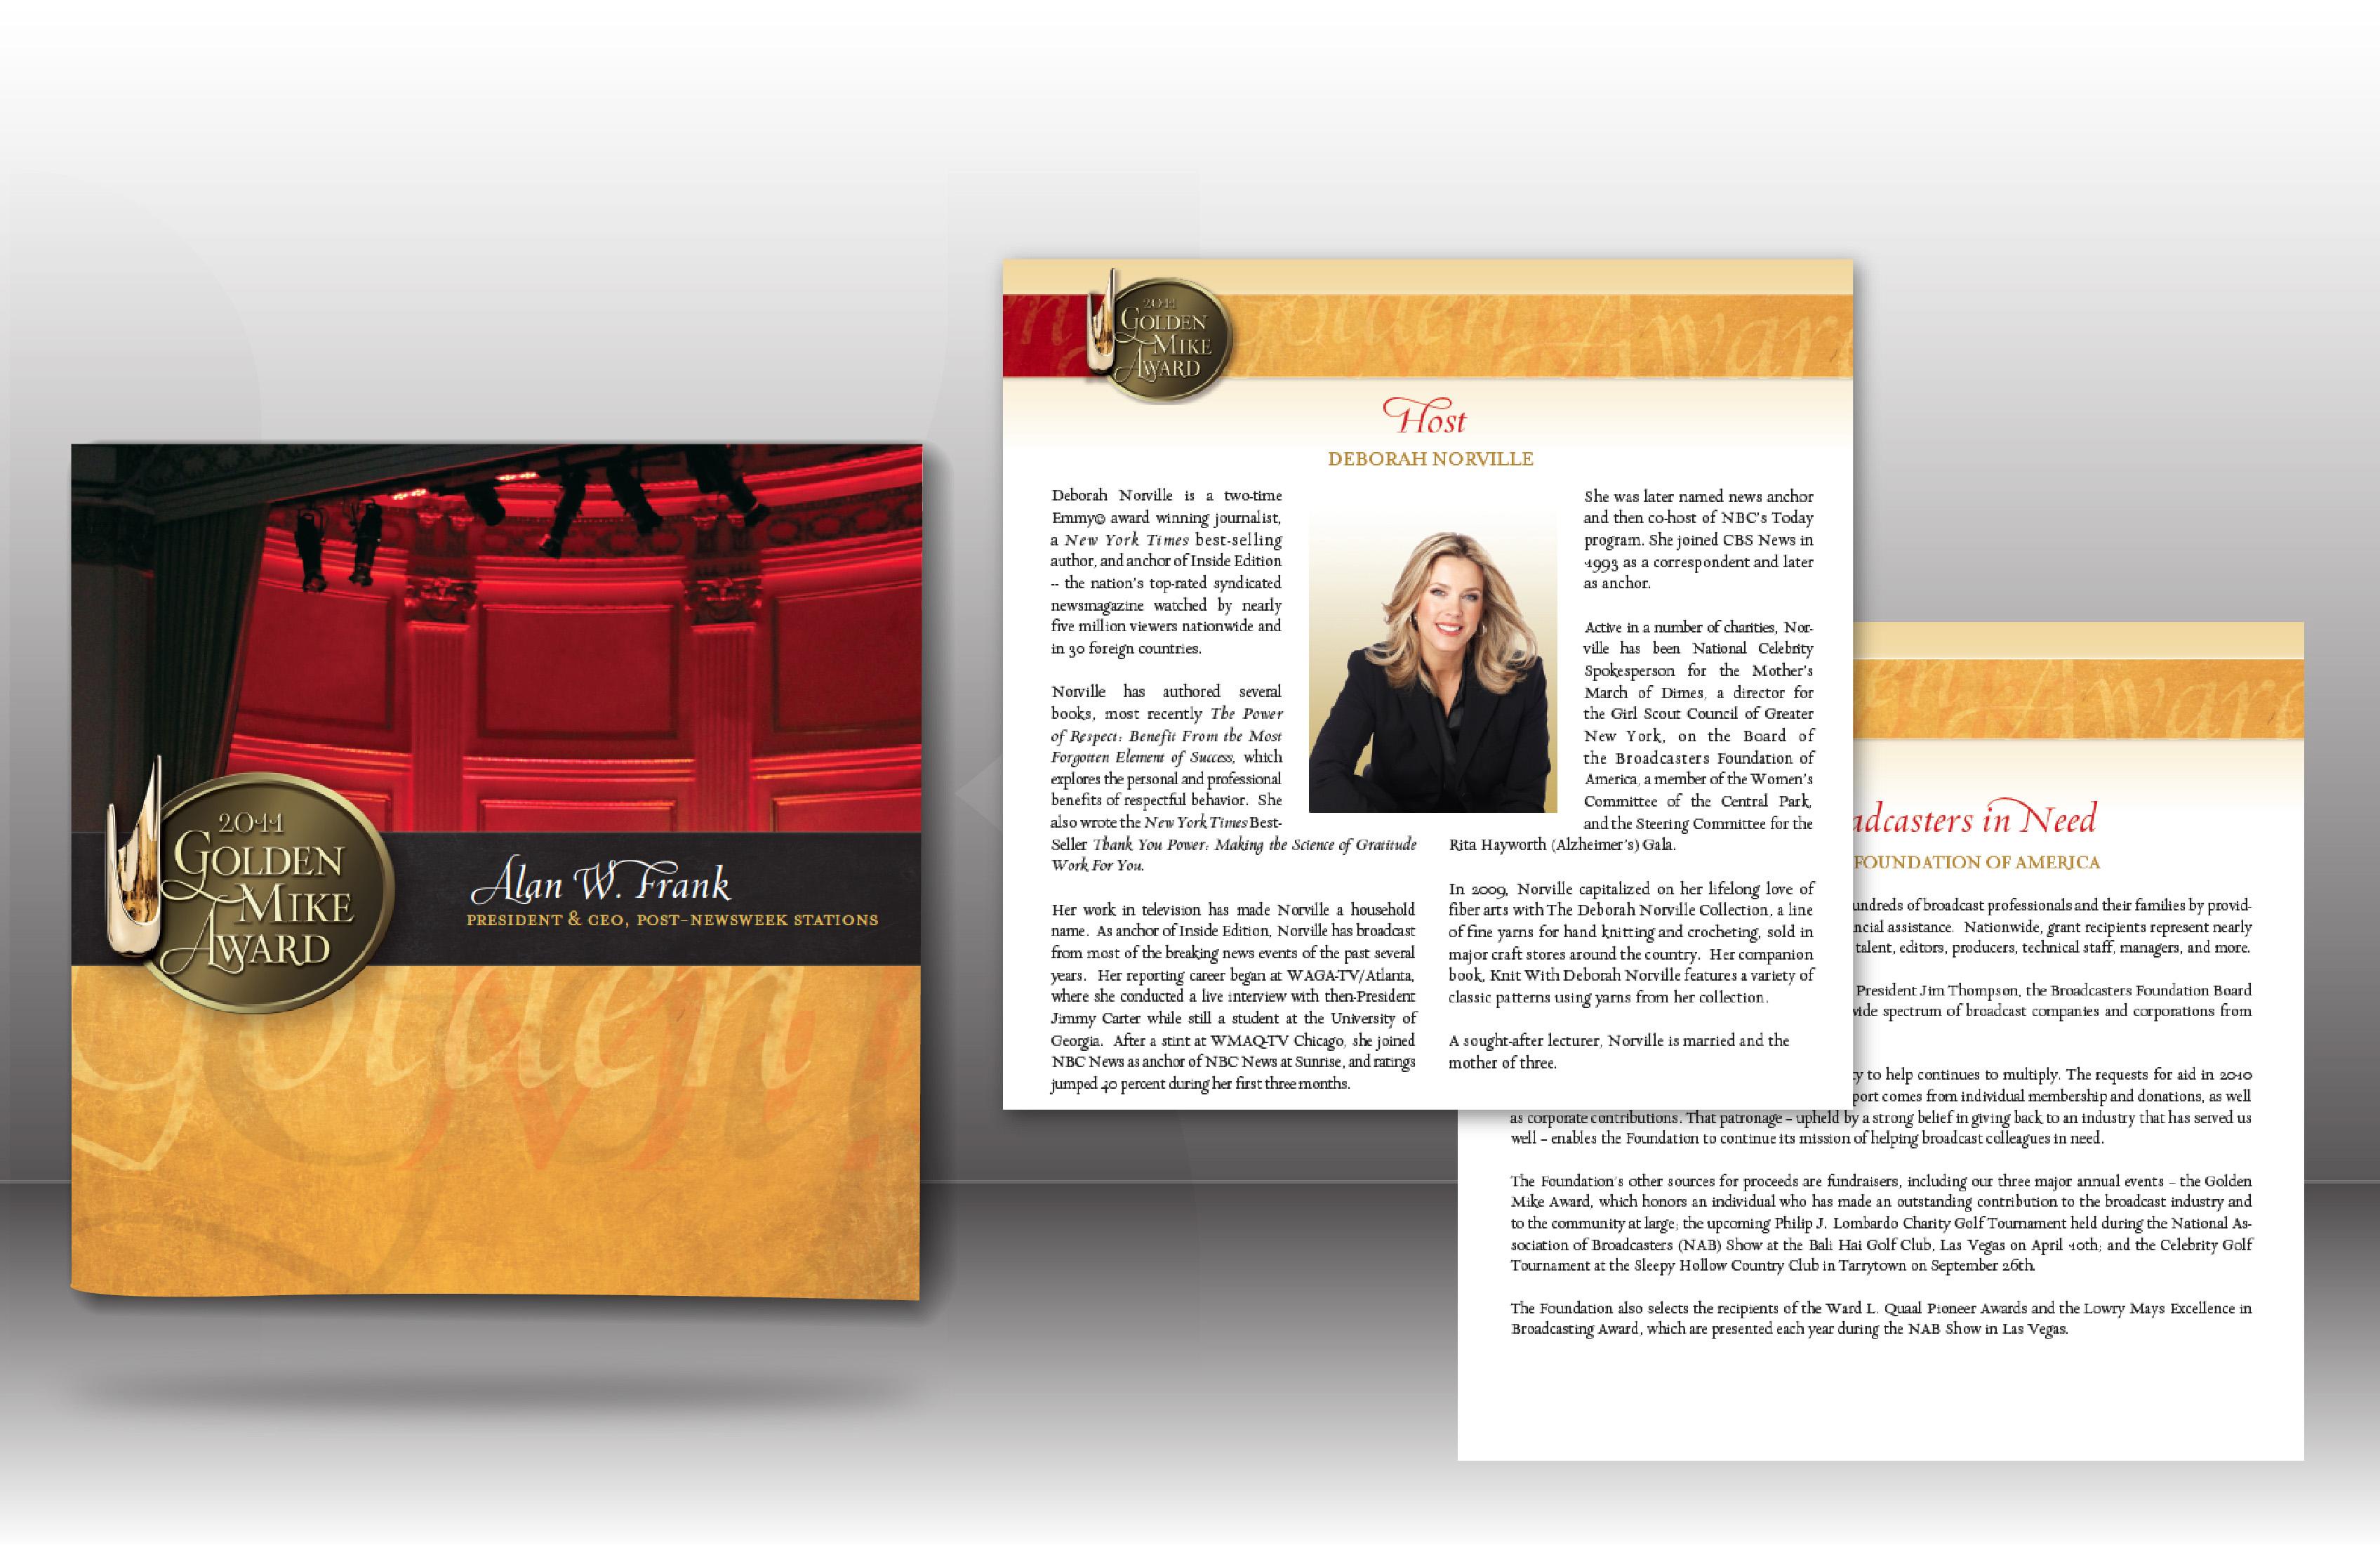 Golden Mike Award Journal 2011